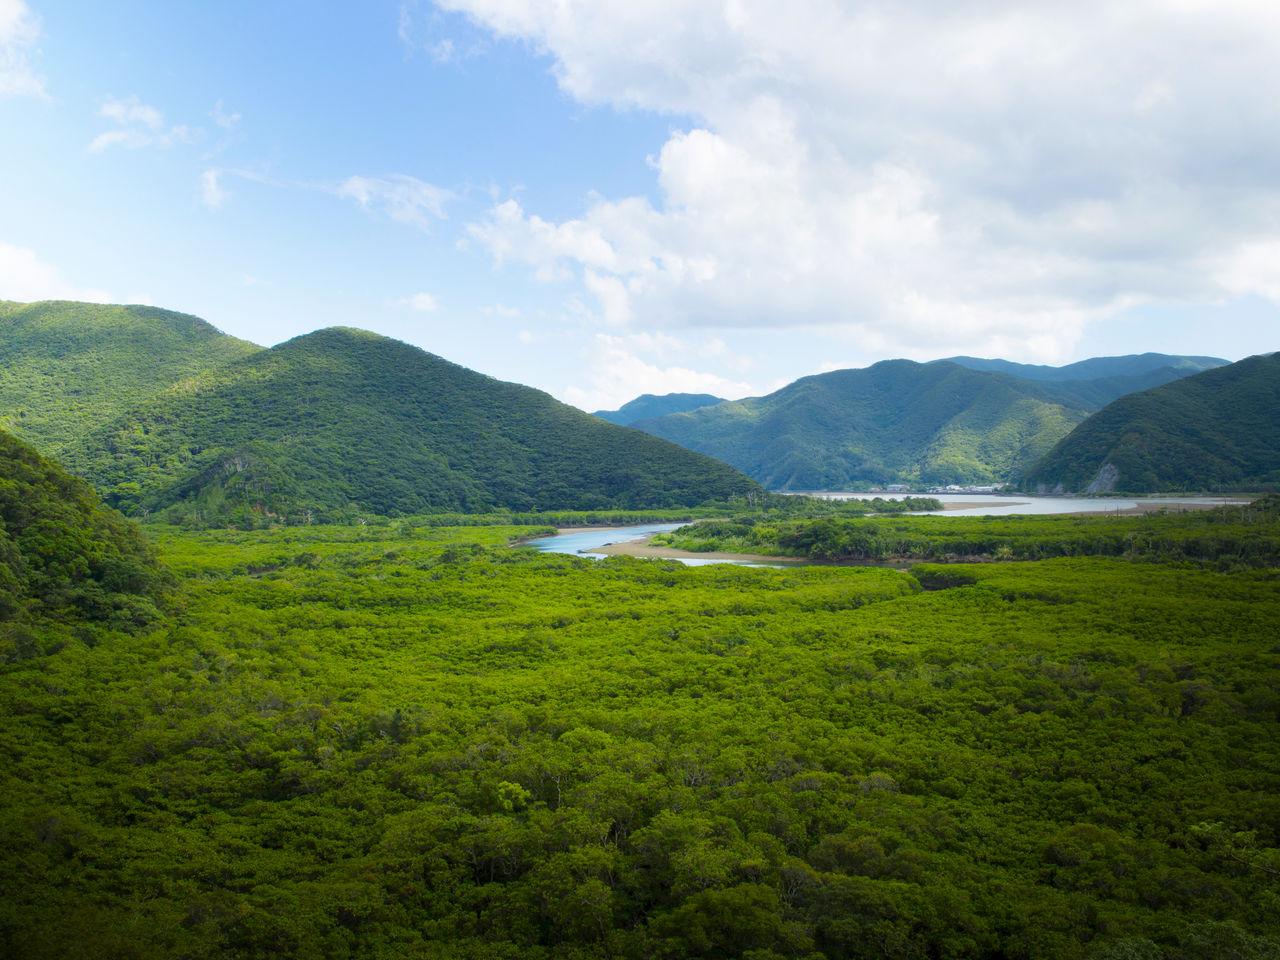 В этом широком устье сливаются реки Сумиё и Якугати